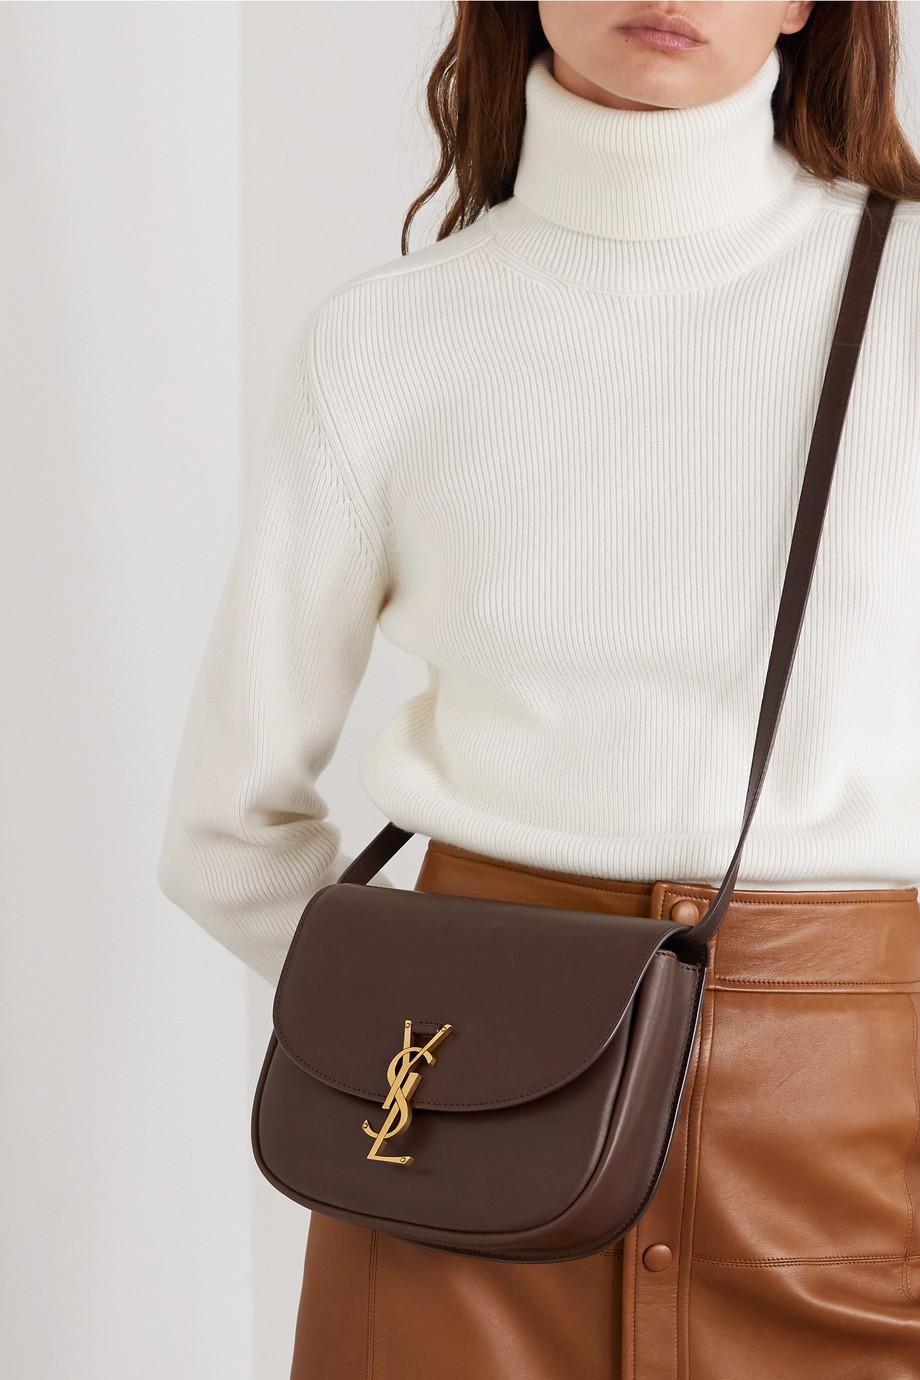 SAINT LAURENT Kaia medium leather shoulder bag